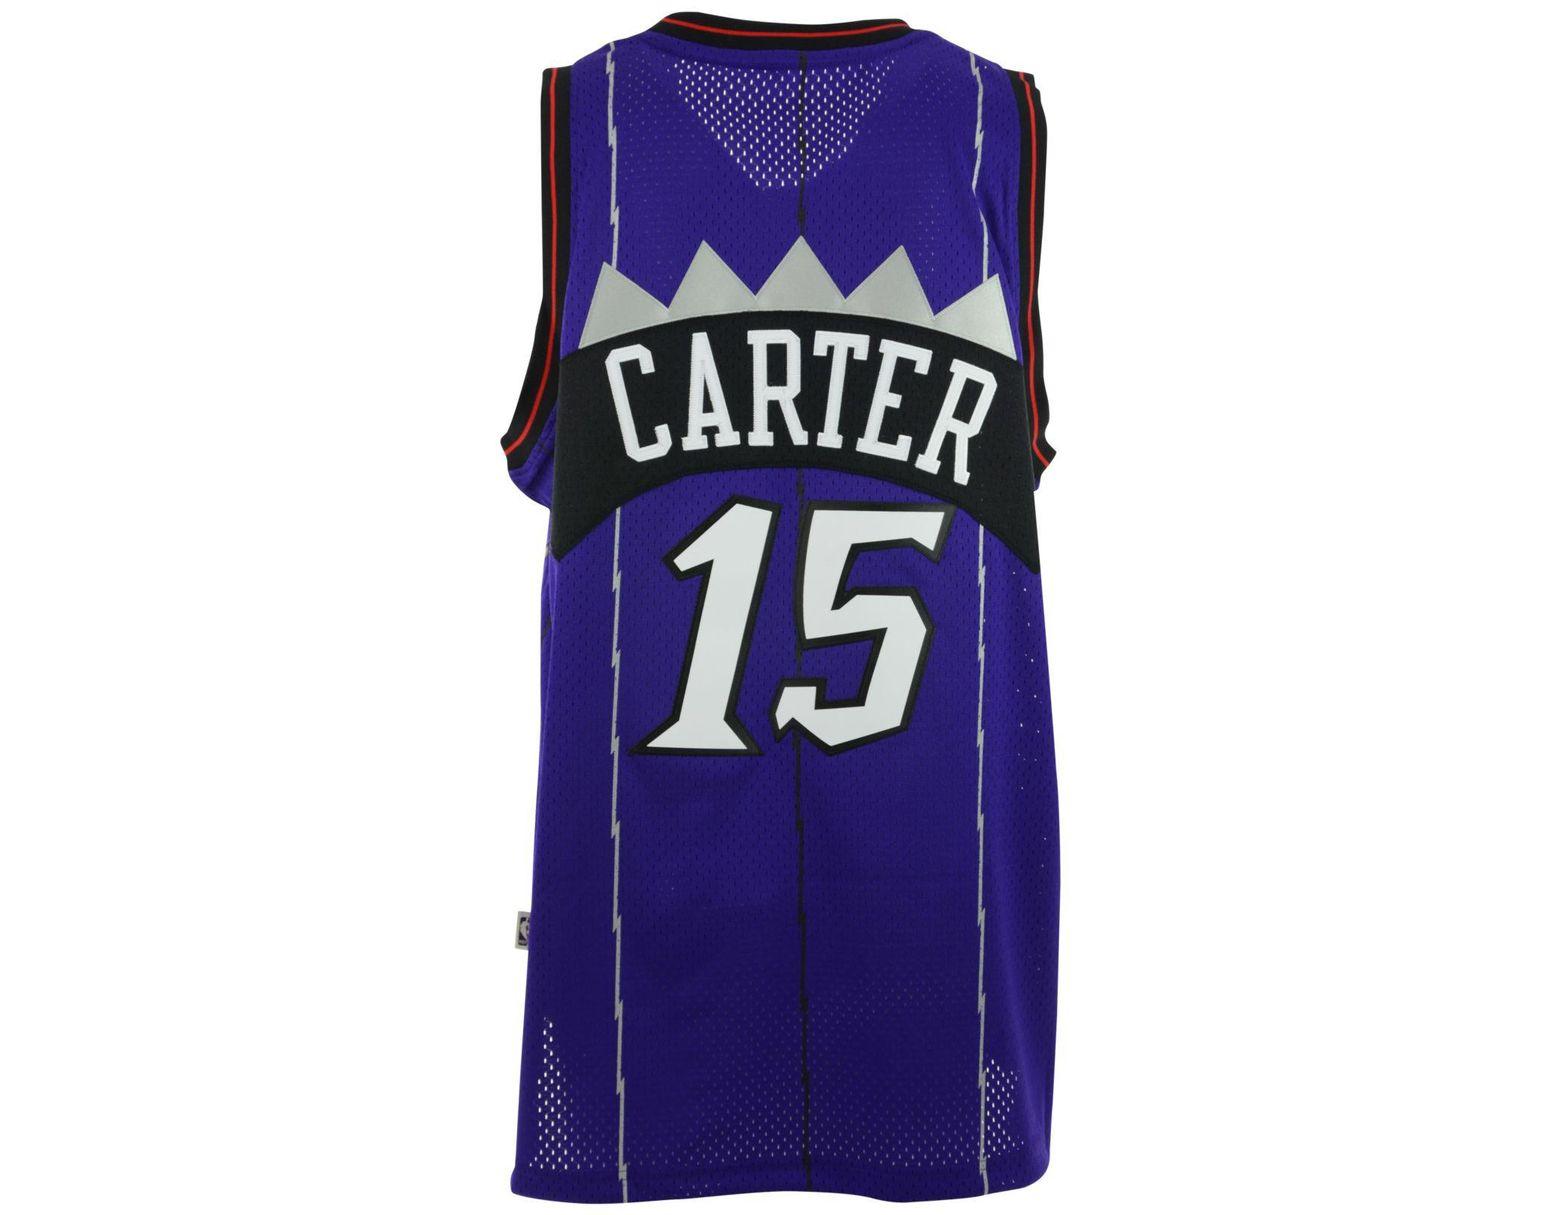 8a8b2958e0f adidas Men s Vince Carter Toronto Raptors Swingman Jersey in Purple for Men  - Lyst